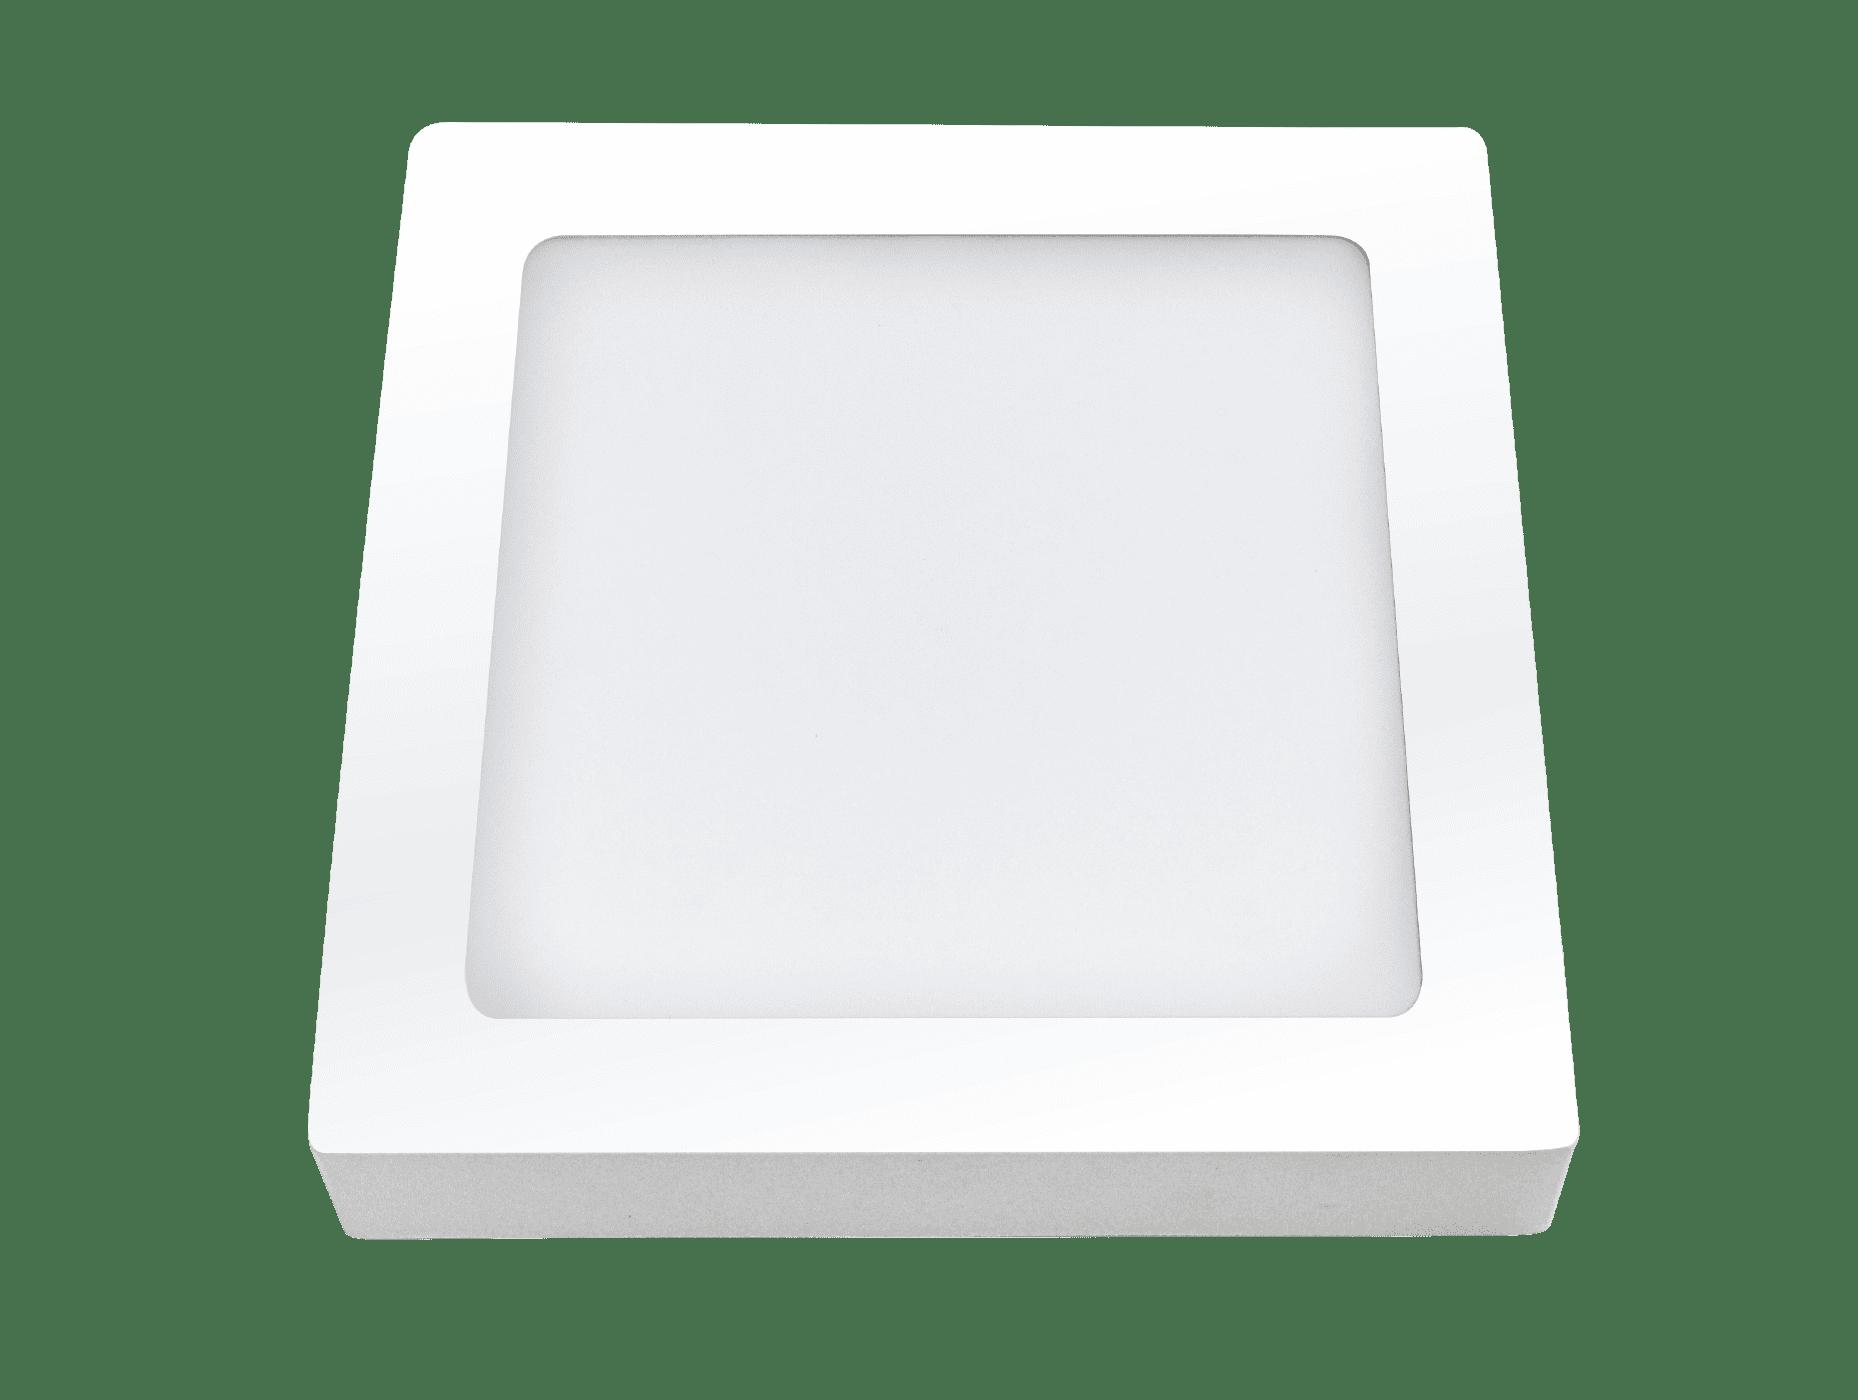 PLAFON SLIM LED SOB QUAD 24W 4000K